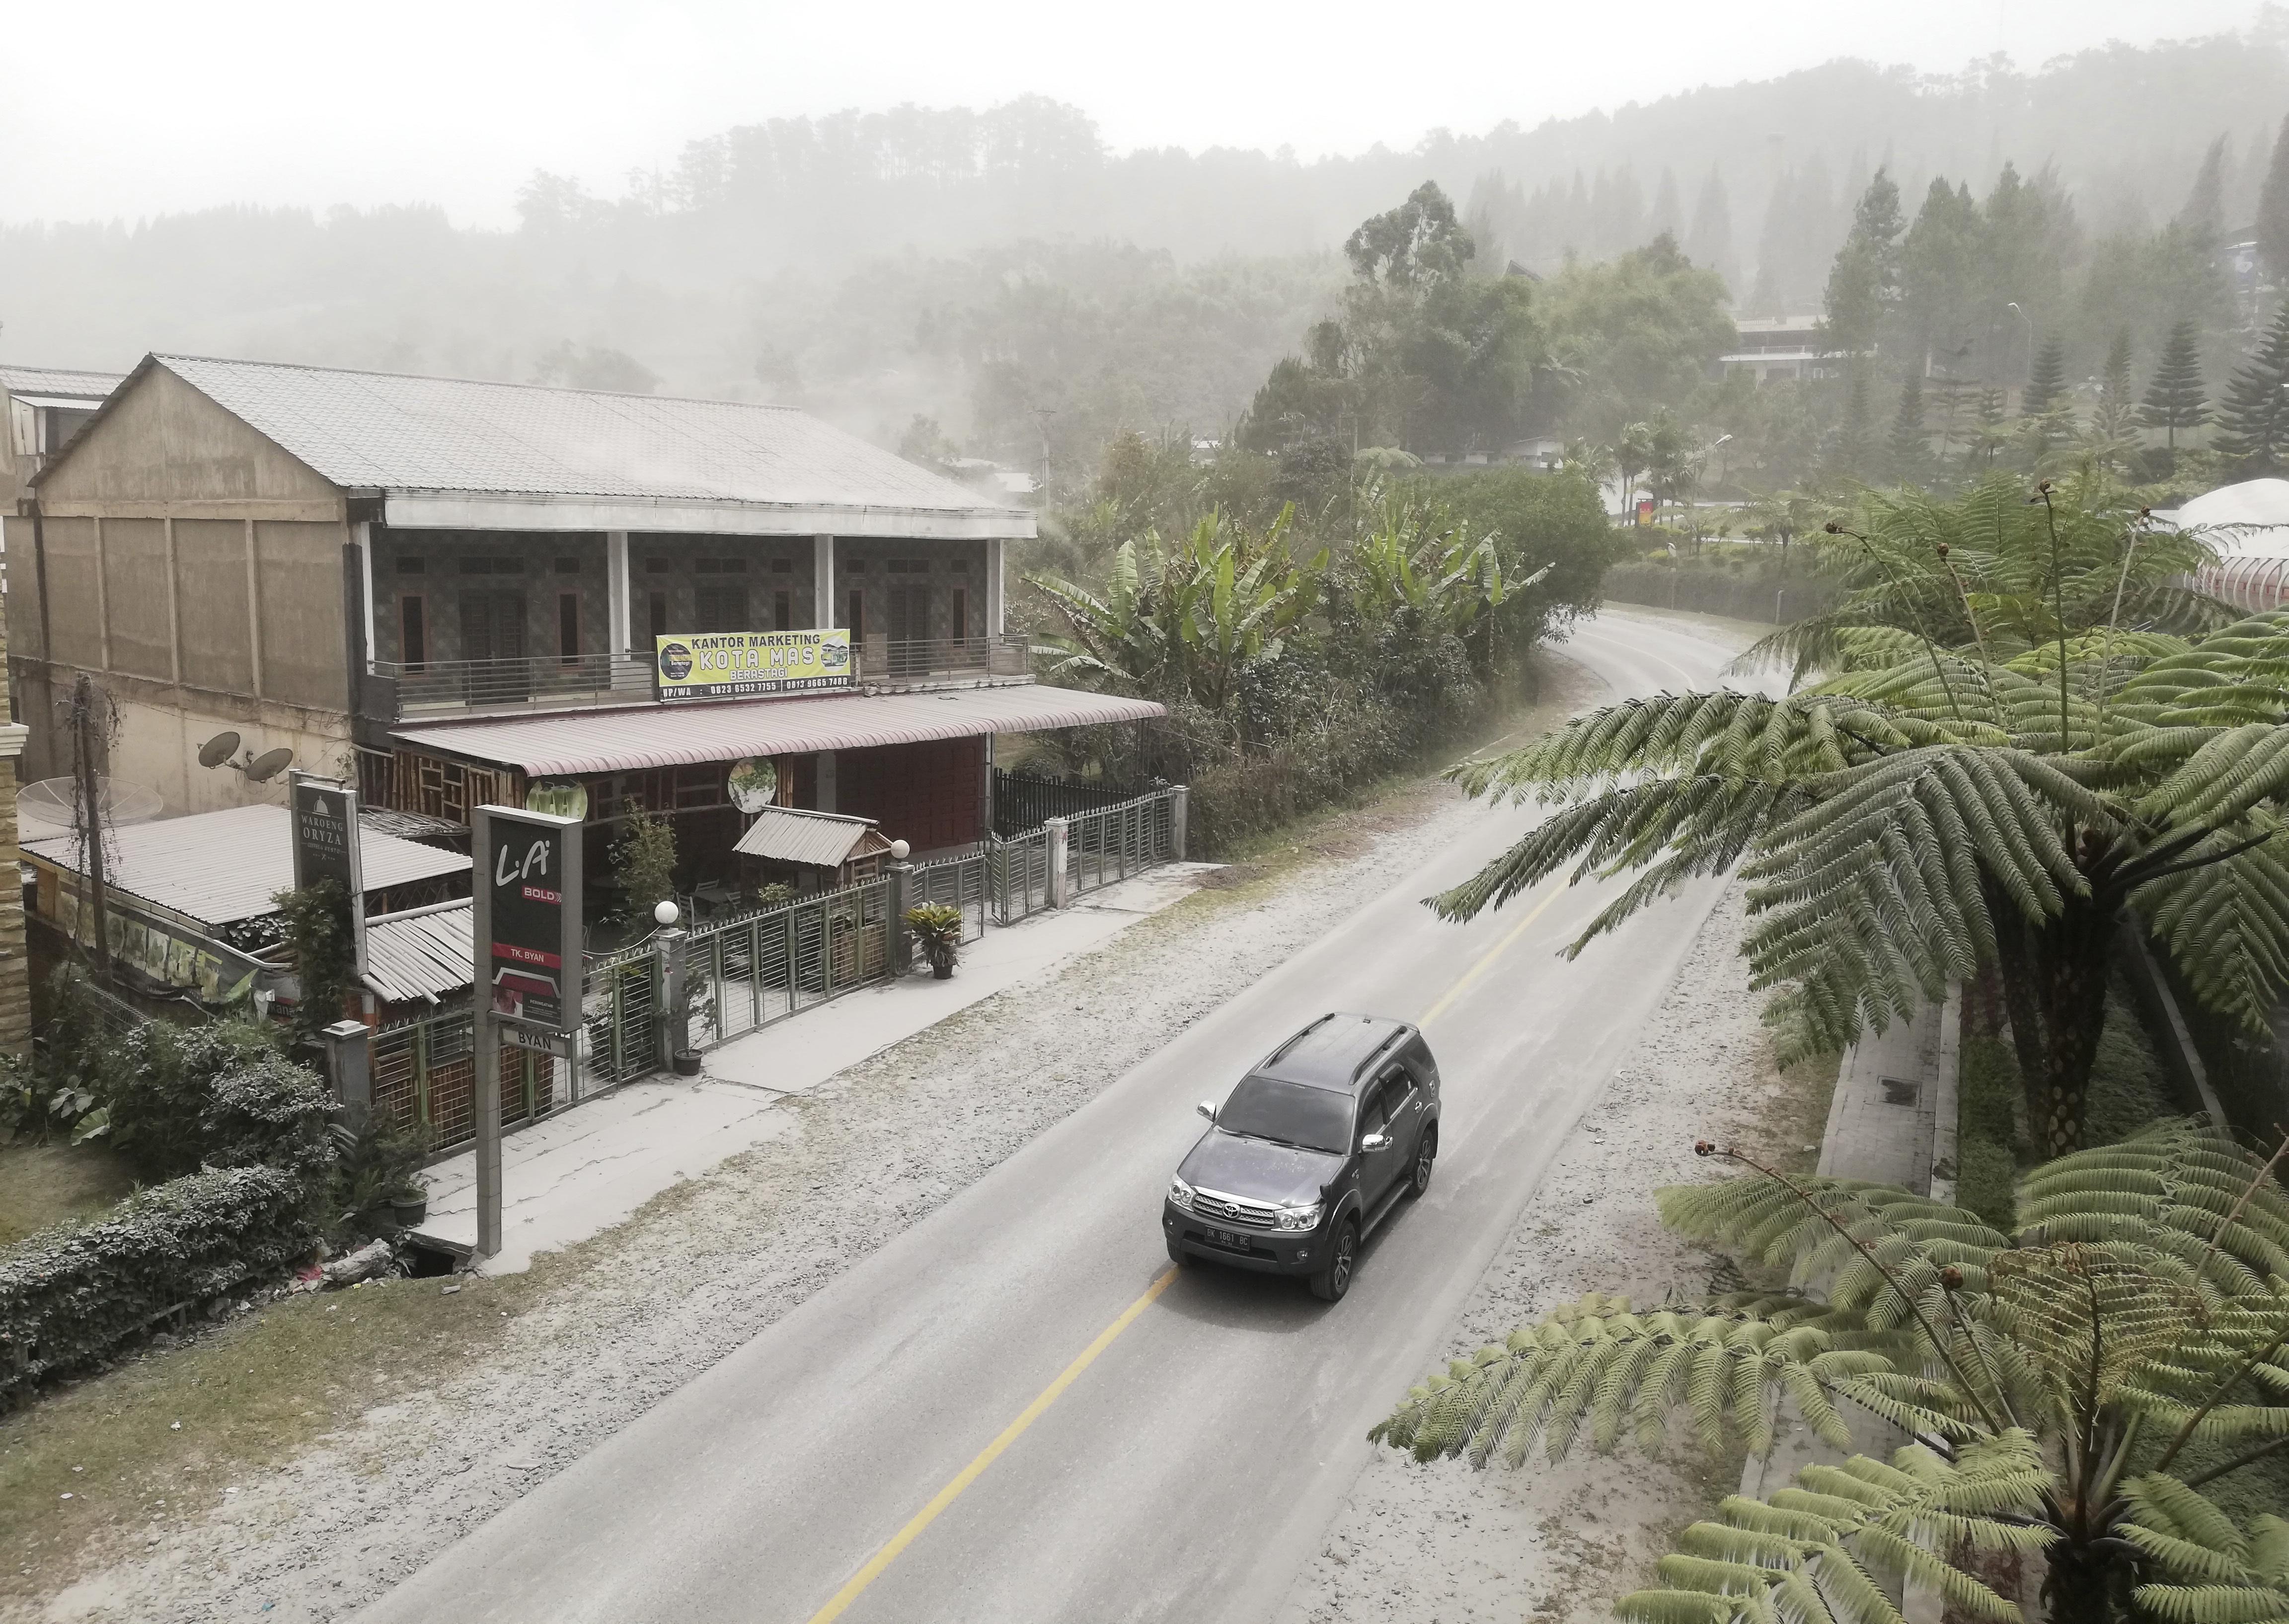 Unas 30.000 personas se han visto obligadas a abandonar sus hogares alrededor de Sinabung en los últimos años. (AP Photo/Sugeng Nuryono)